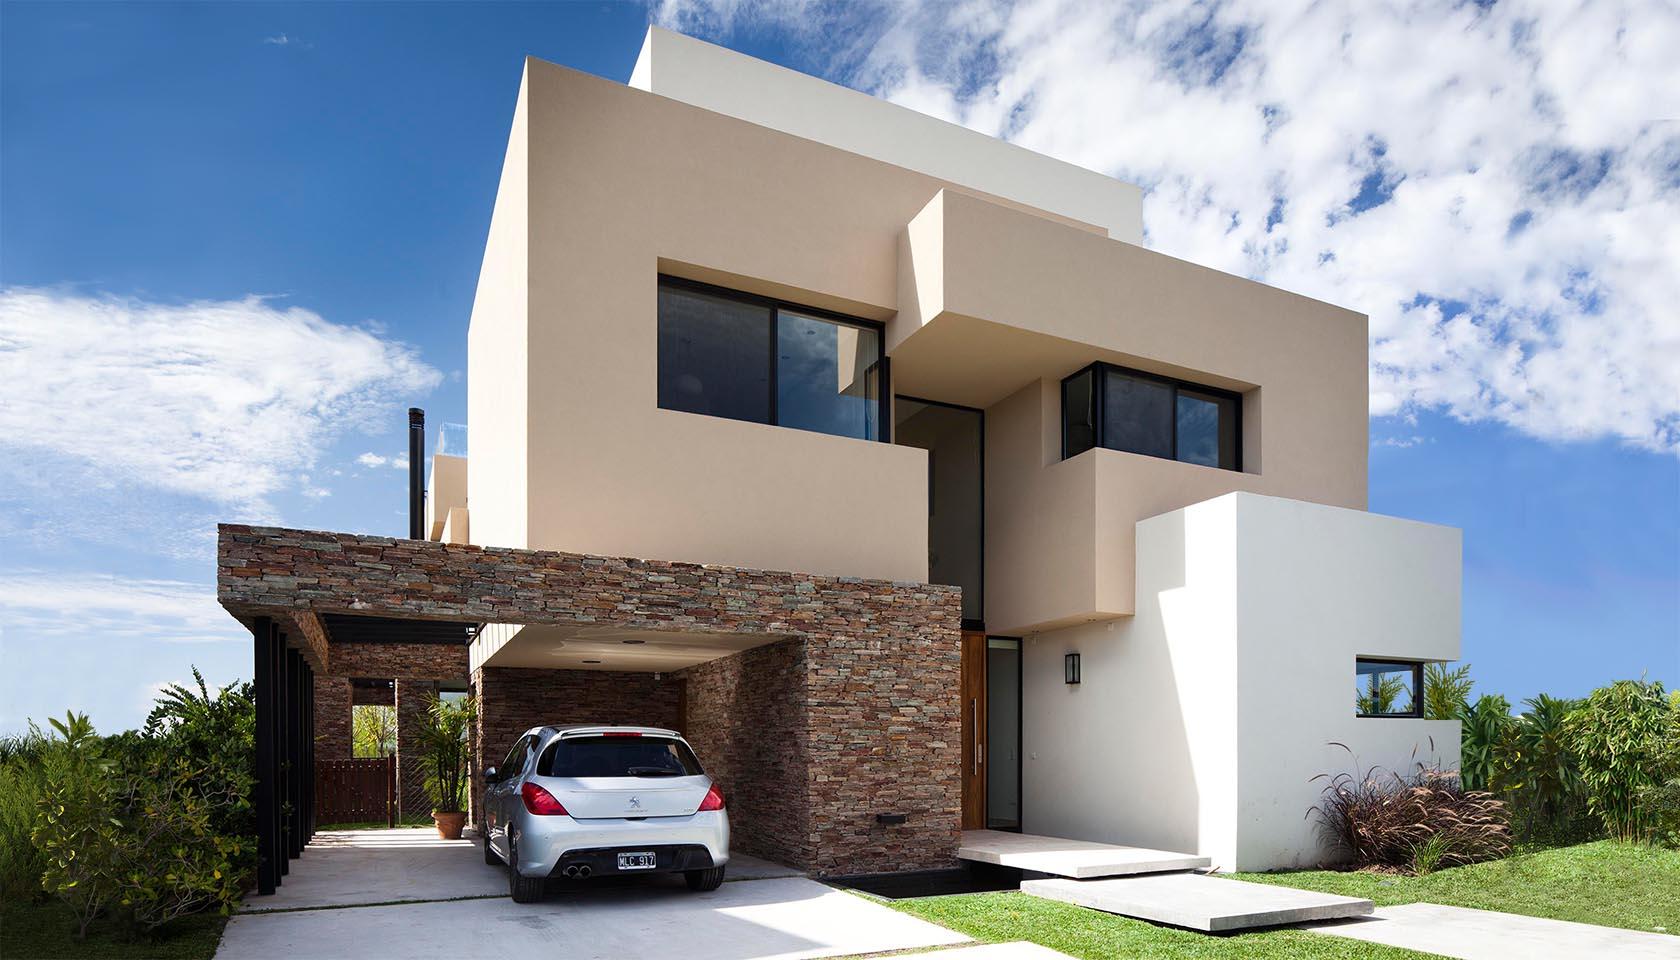 casas con revestimiento de piedra, casas modernas